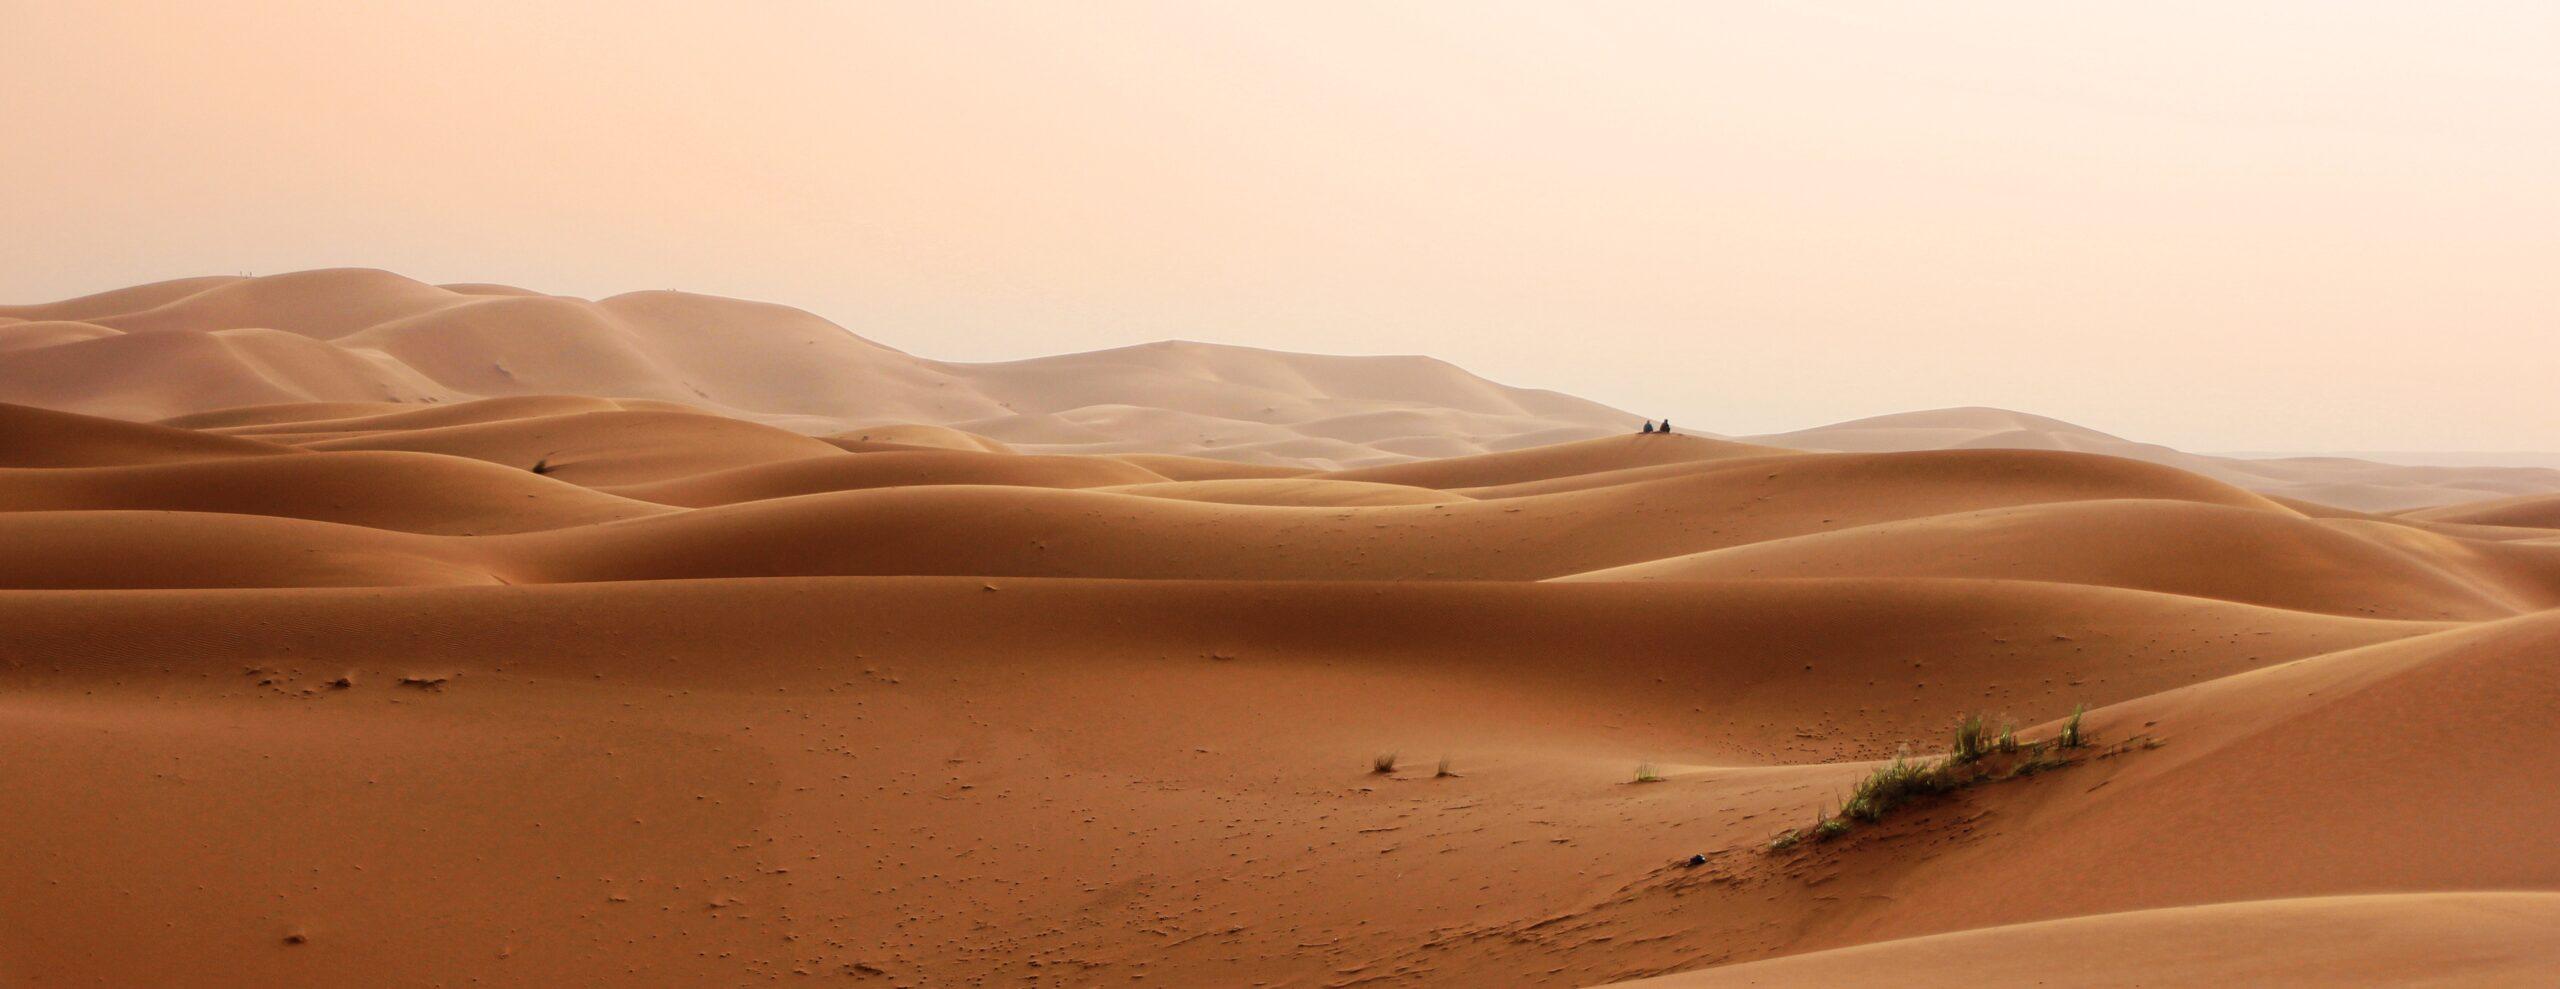 Dubai sivatagi kaland